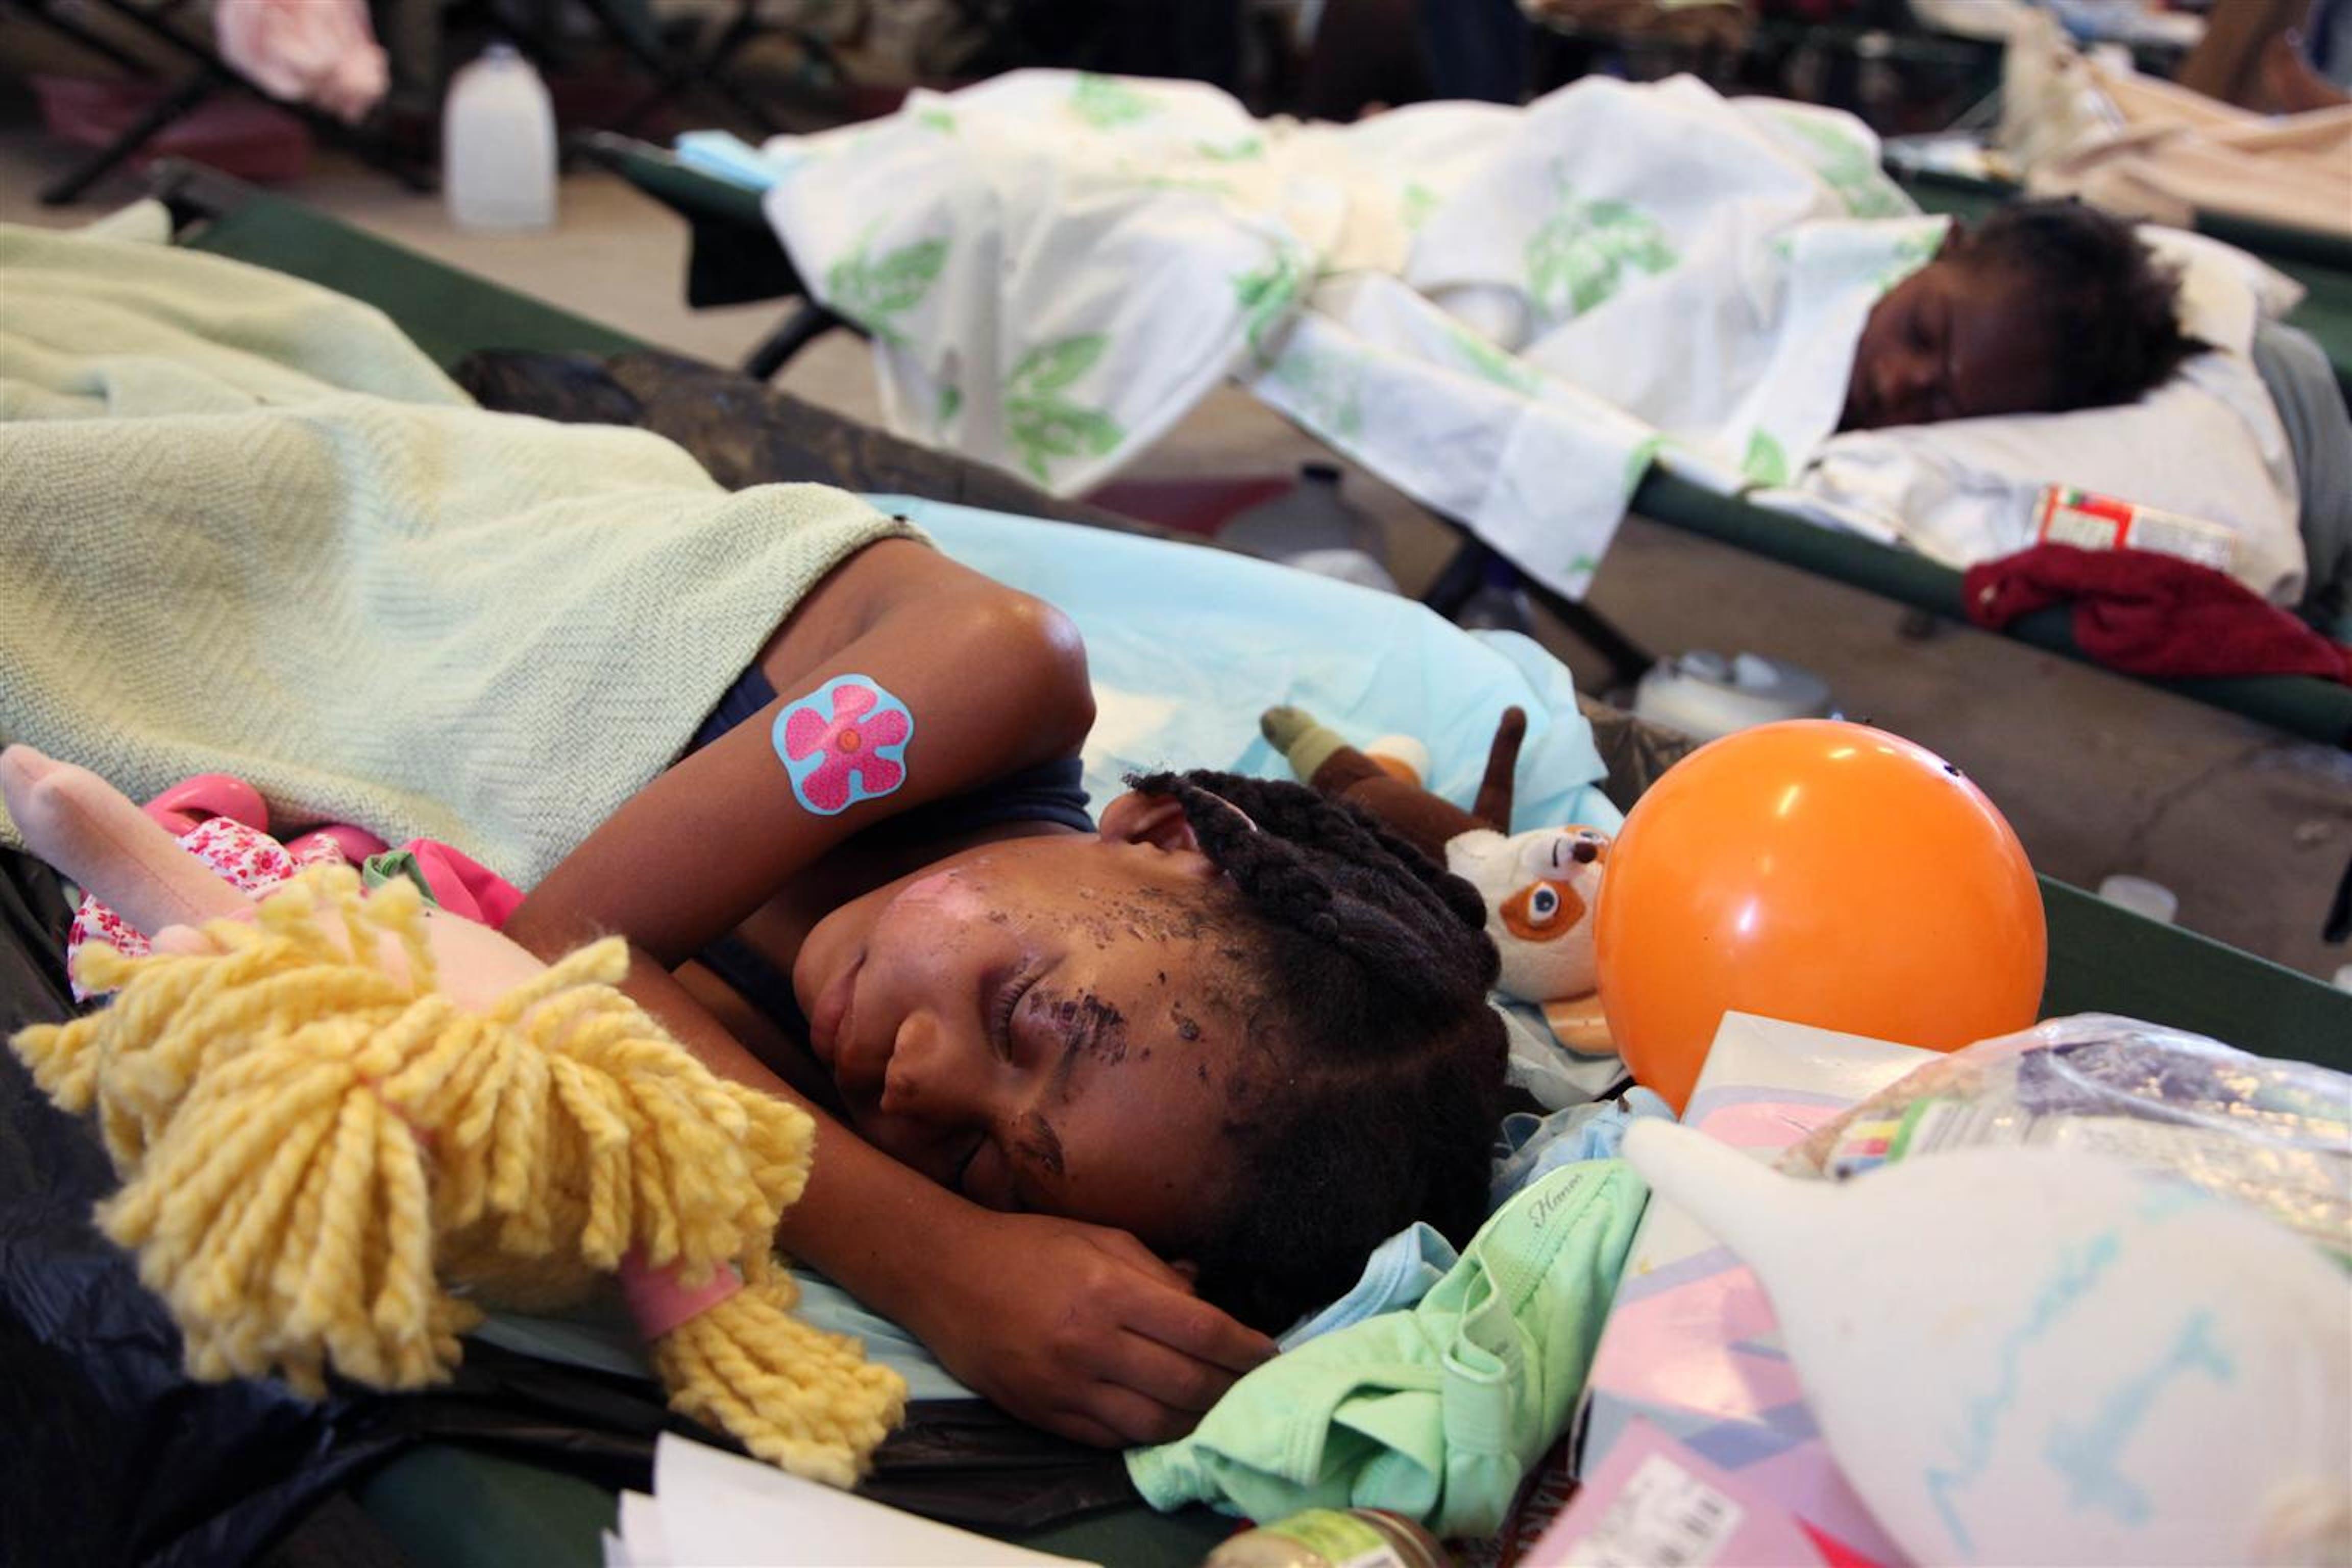 Questa bambina ferita è rimasta isolata dai genitori. Mentre procedono le ricerche è ospite presso un ospedale da campo in attesa di essere inserita in una casa-famiglia di Port-au-Prince